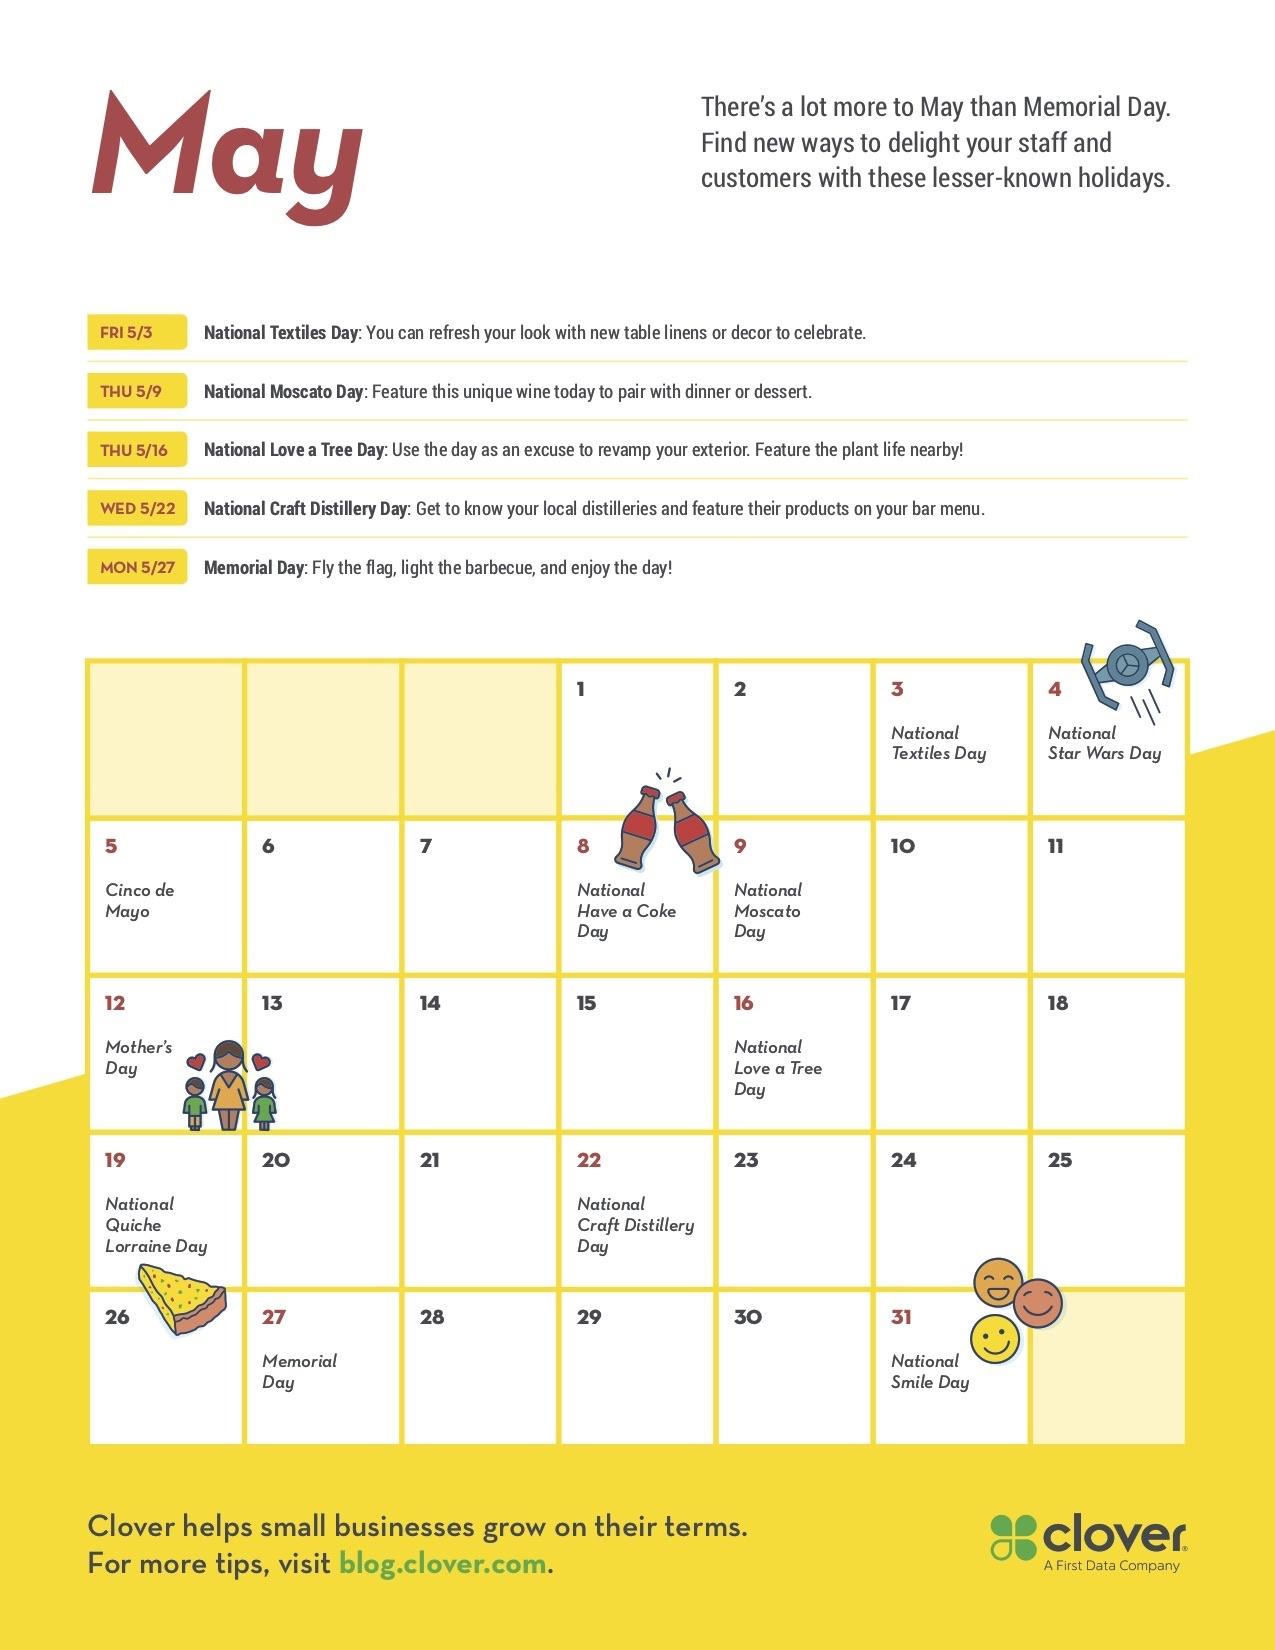 May Promo Calendar More Than Memorial Day Clover Blog